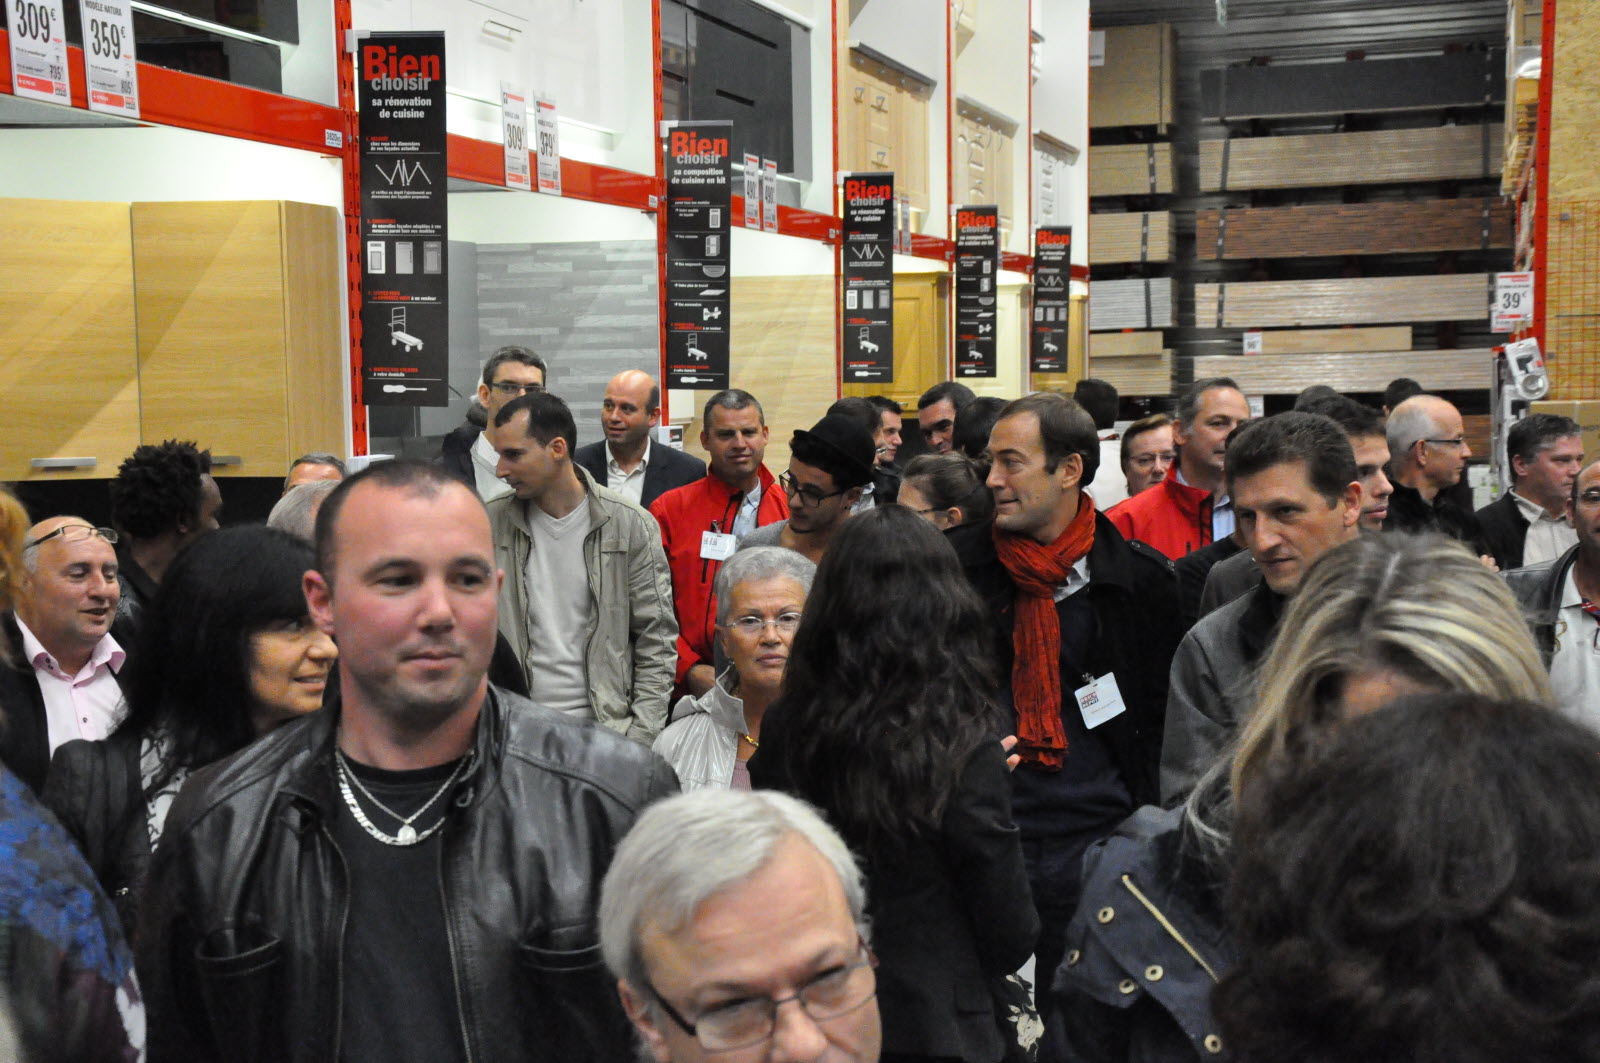 Montceau Commerce Ouverture De Brico Depot Aujourd Hui